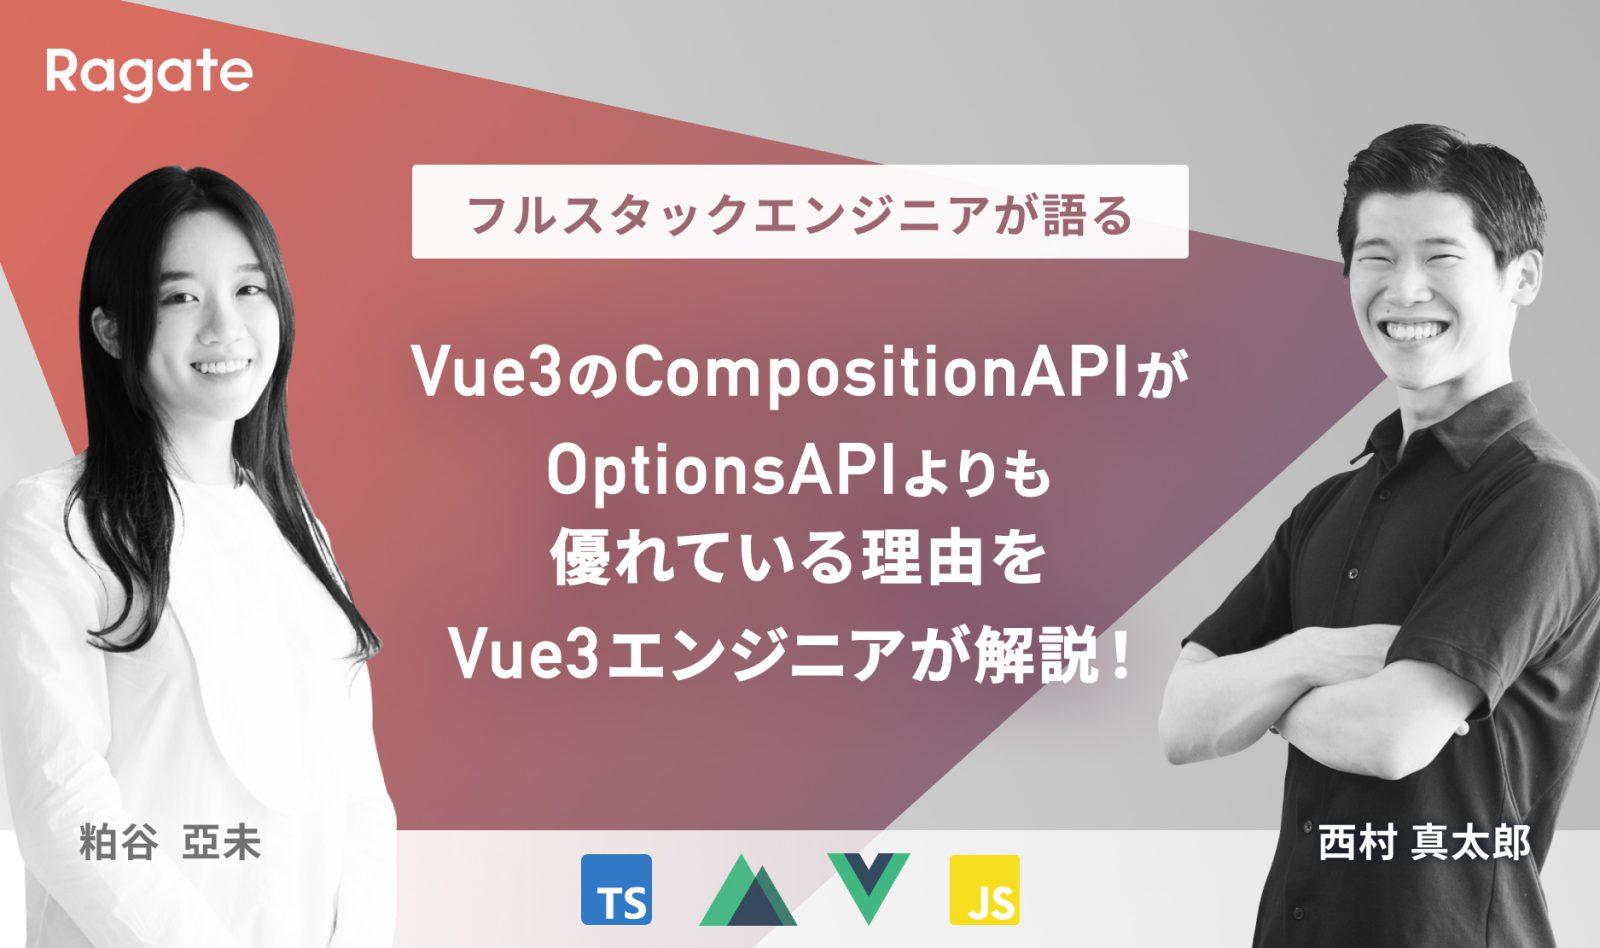 Vue3のCompositionAPIがOptionsAPIよりも優れている理由をVue3エンジニアが解説!